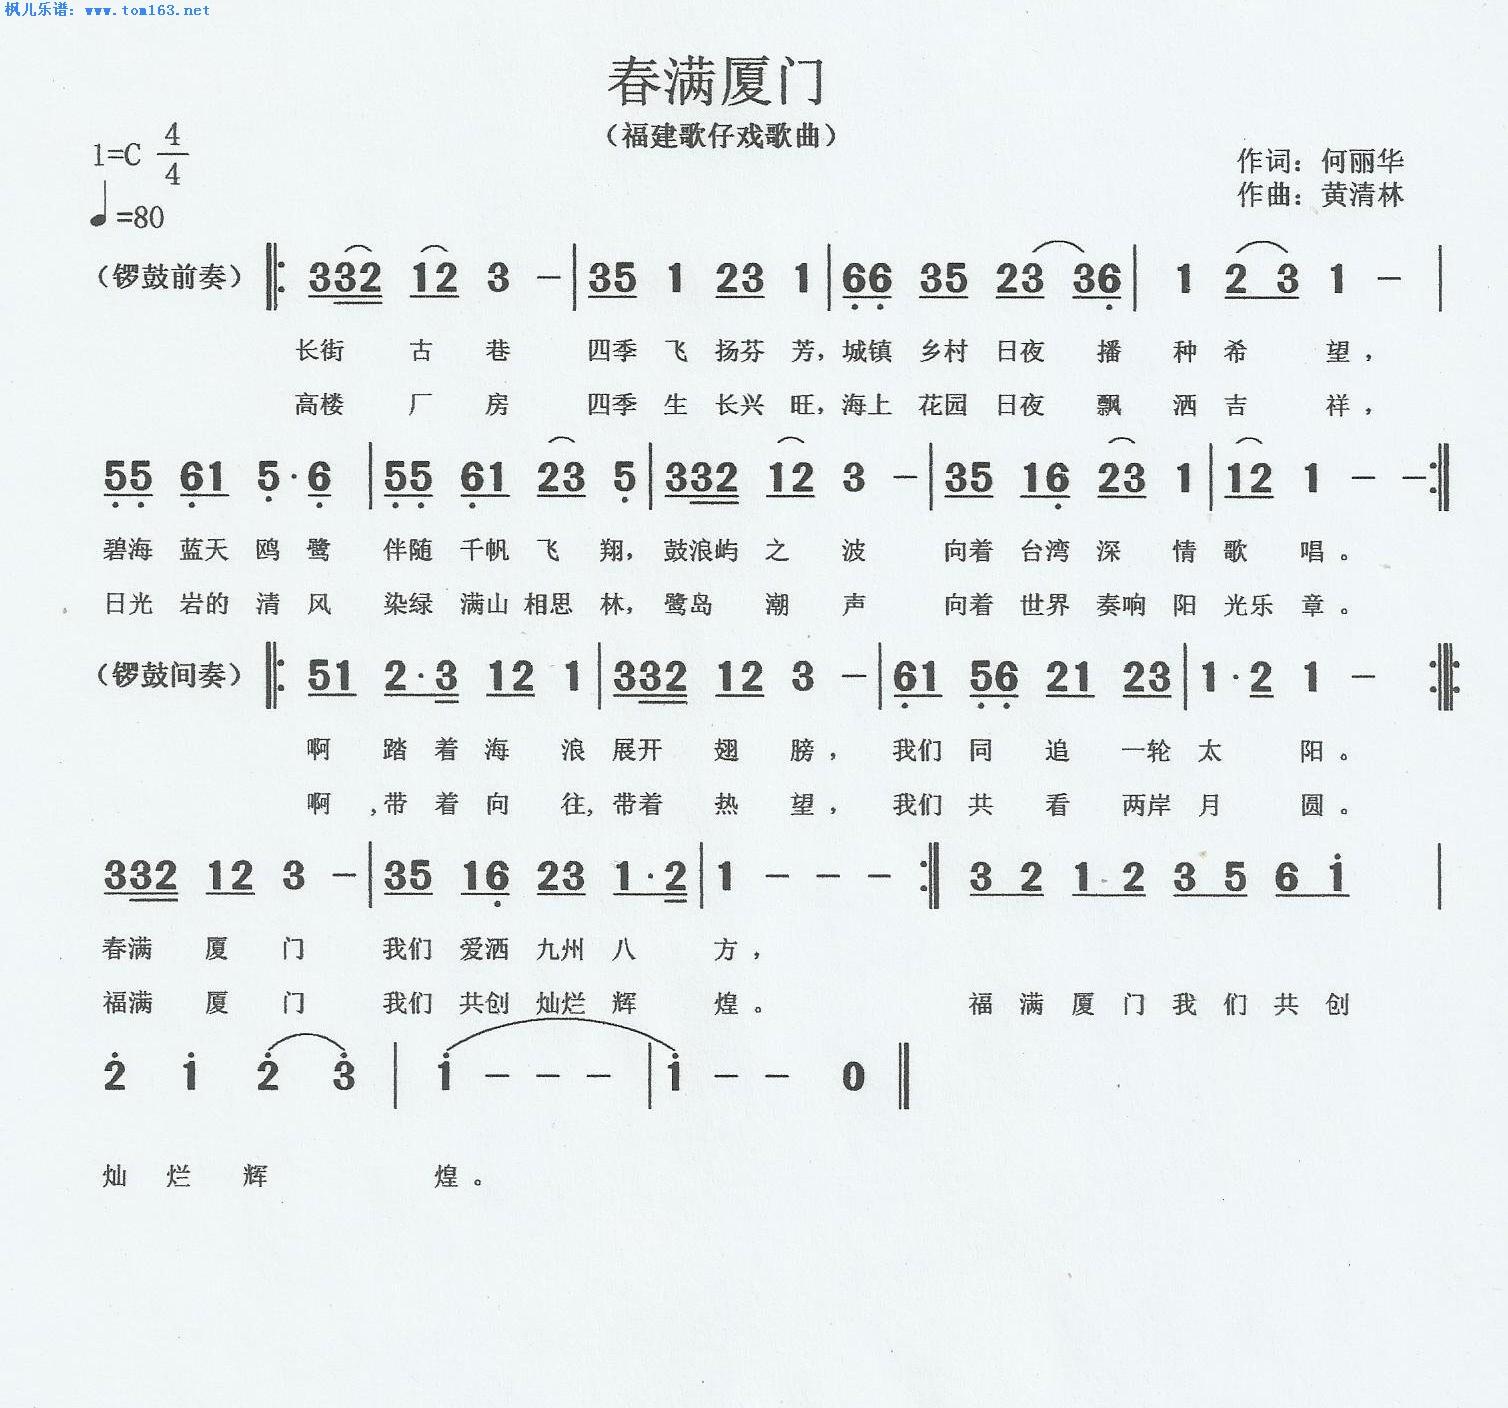 枫儿乐谱 乐谱库 流行歌曲歌谱 原创歌谱 >> 正文:春满厦门